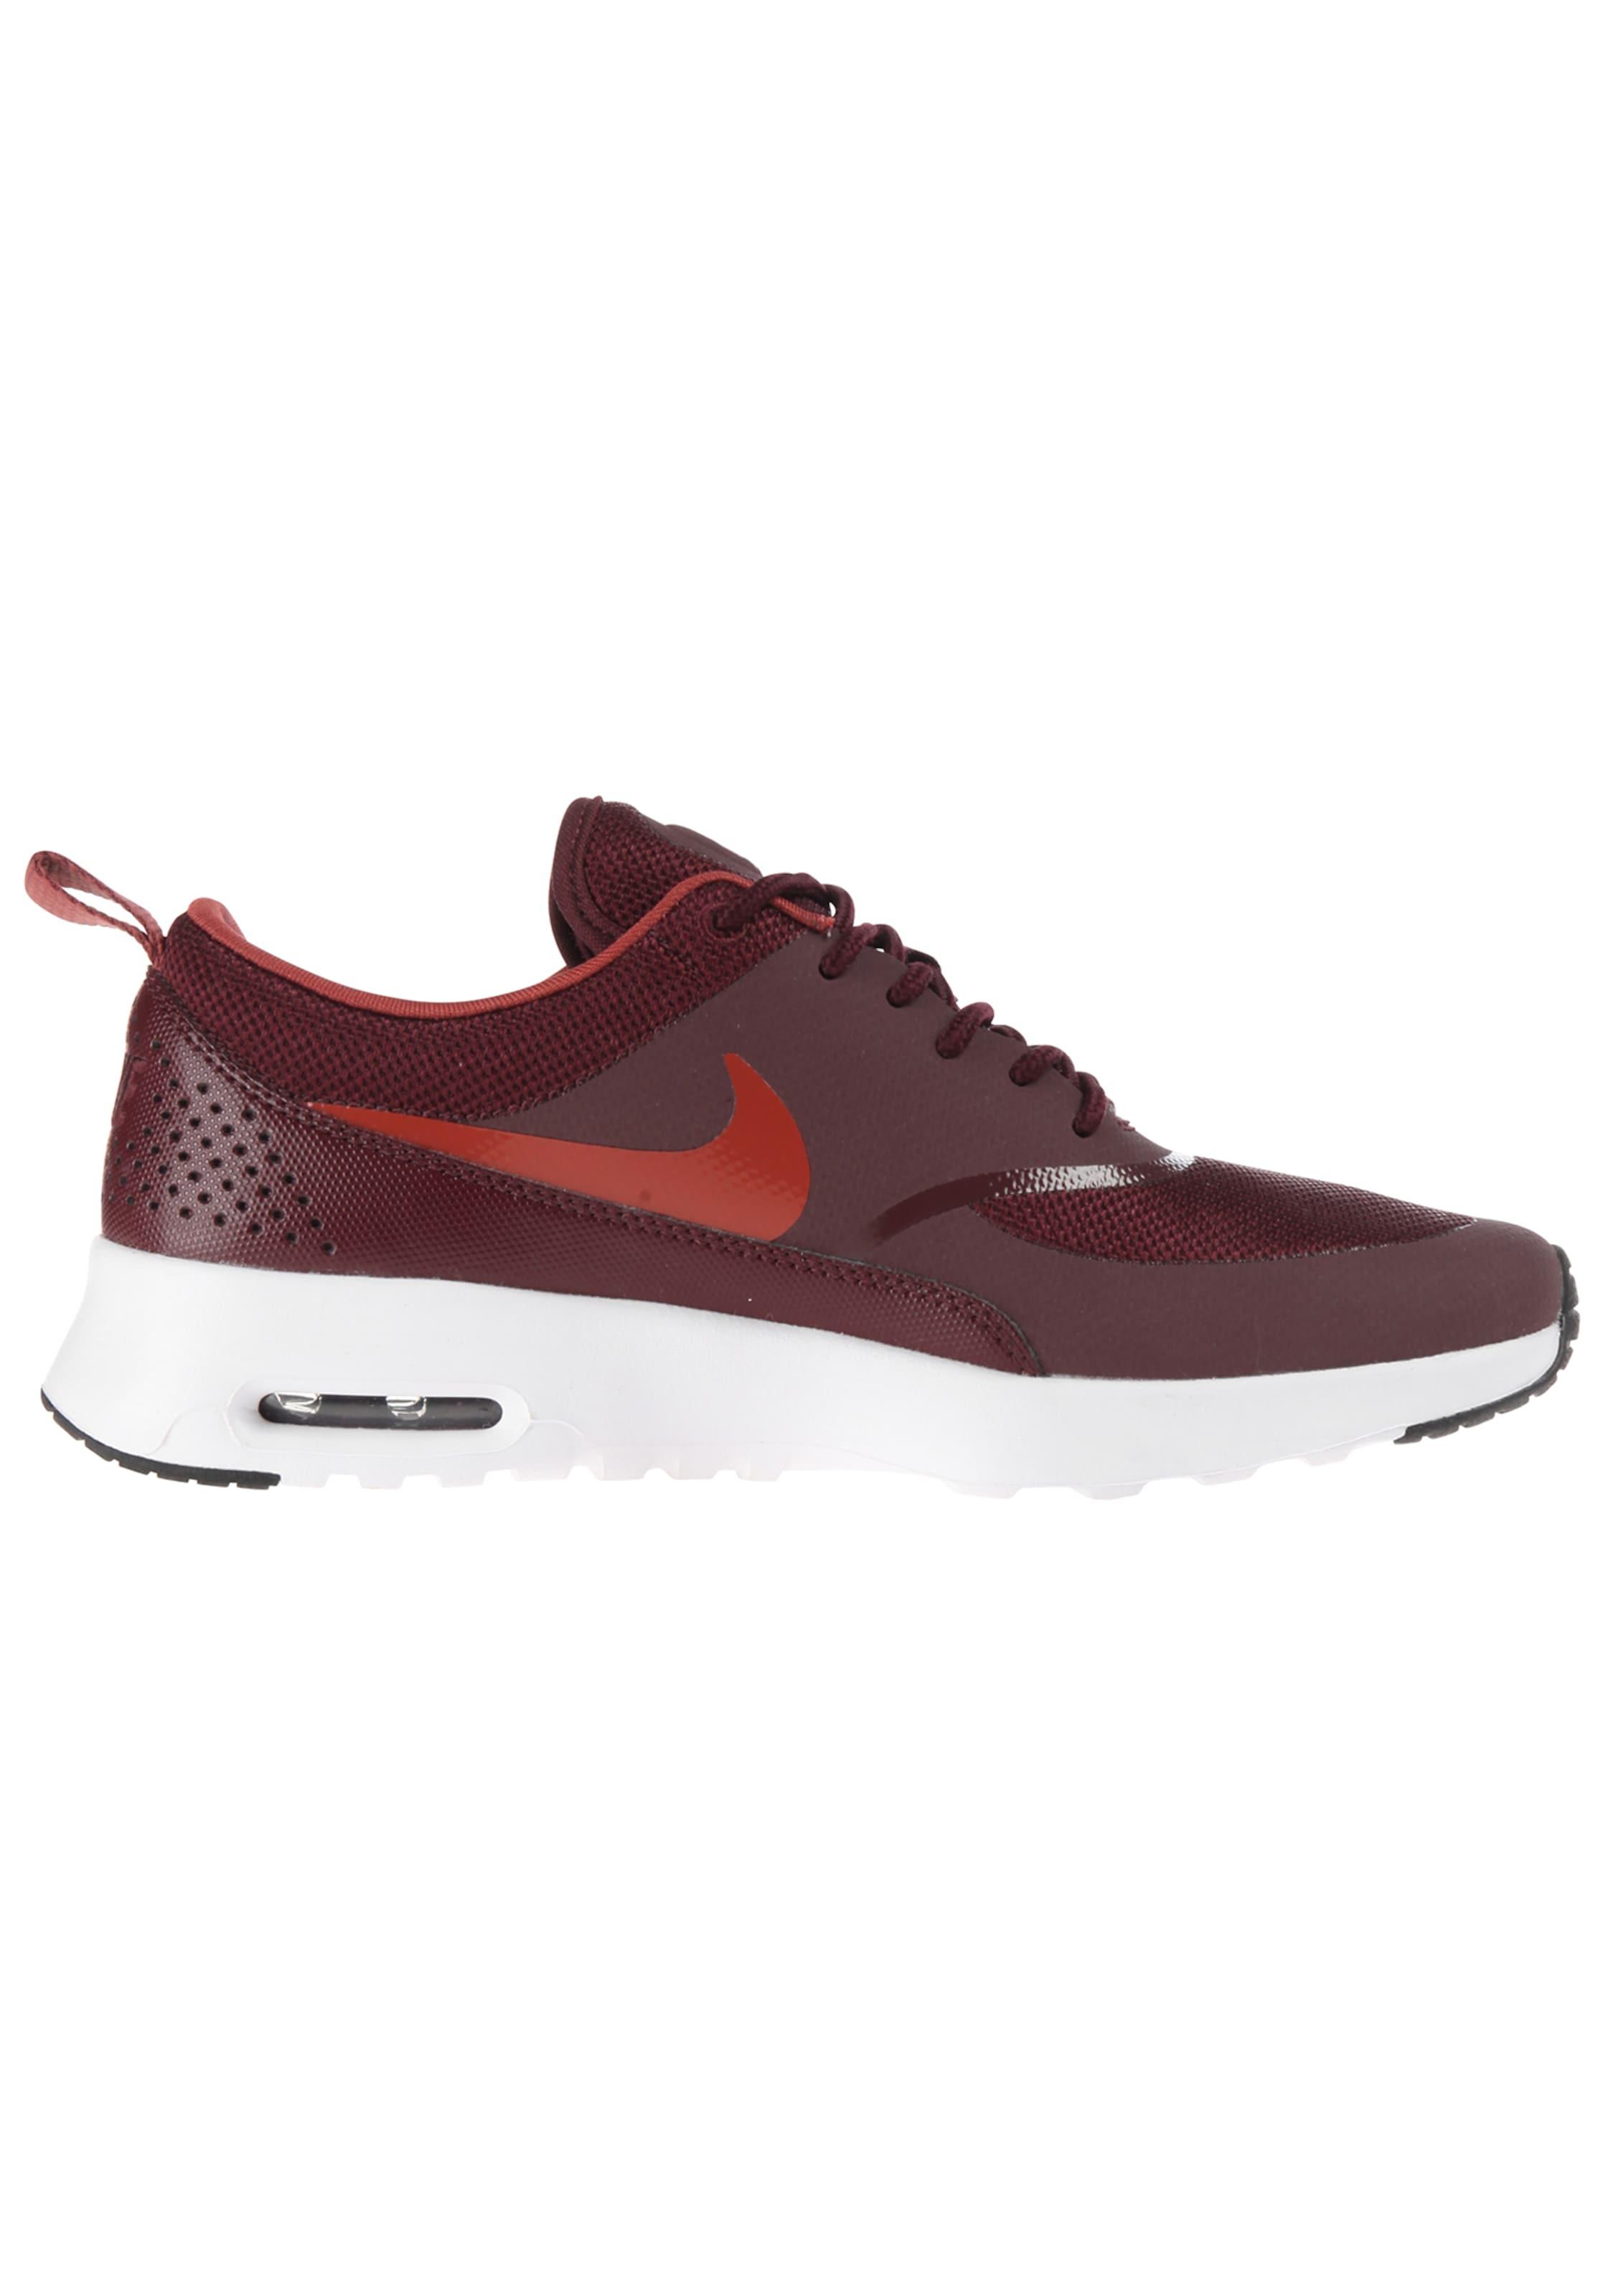 Nike Sportswear Turnschuhe Low 'Air Max Max Max Thea Synthetik, Textil Großer Rabatt fc2fba